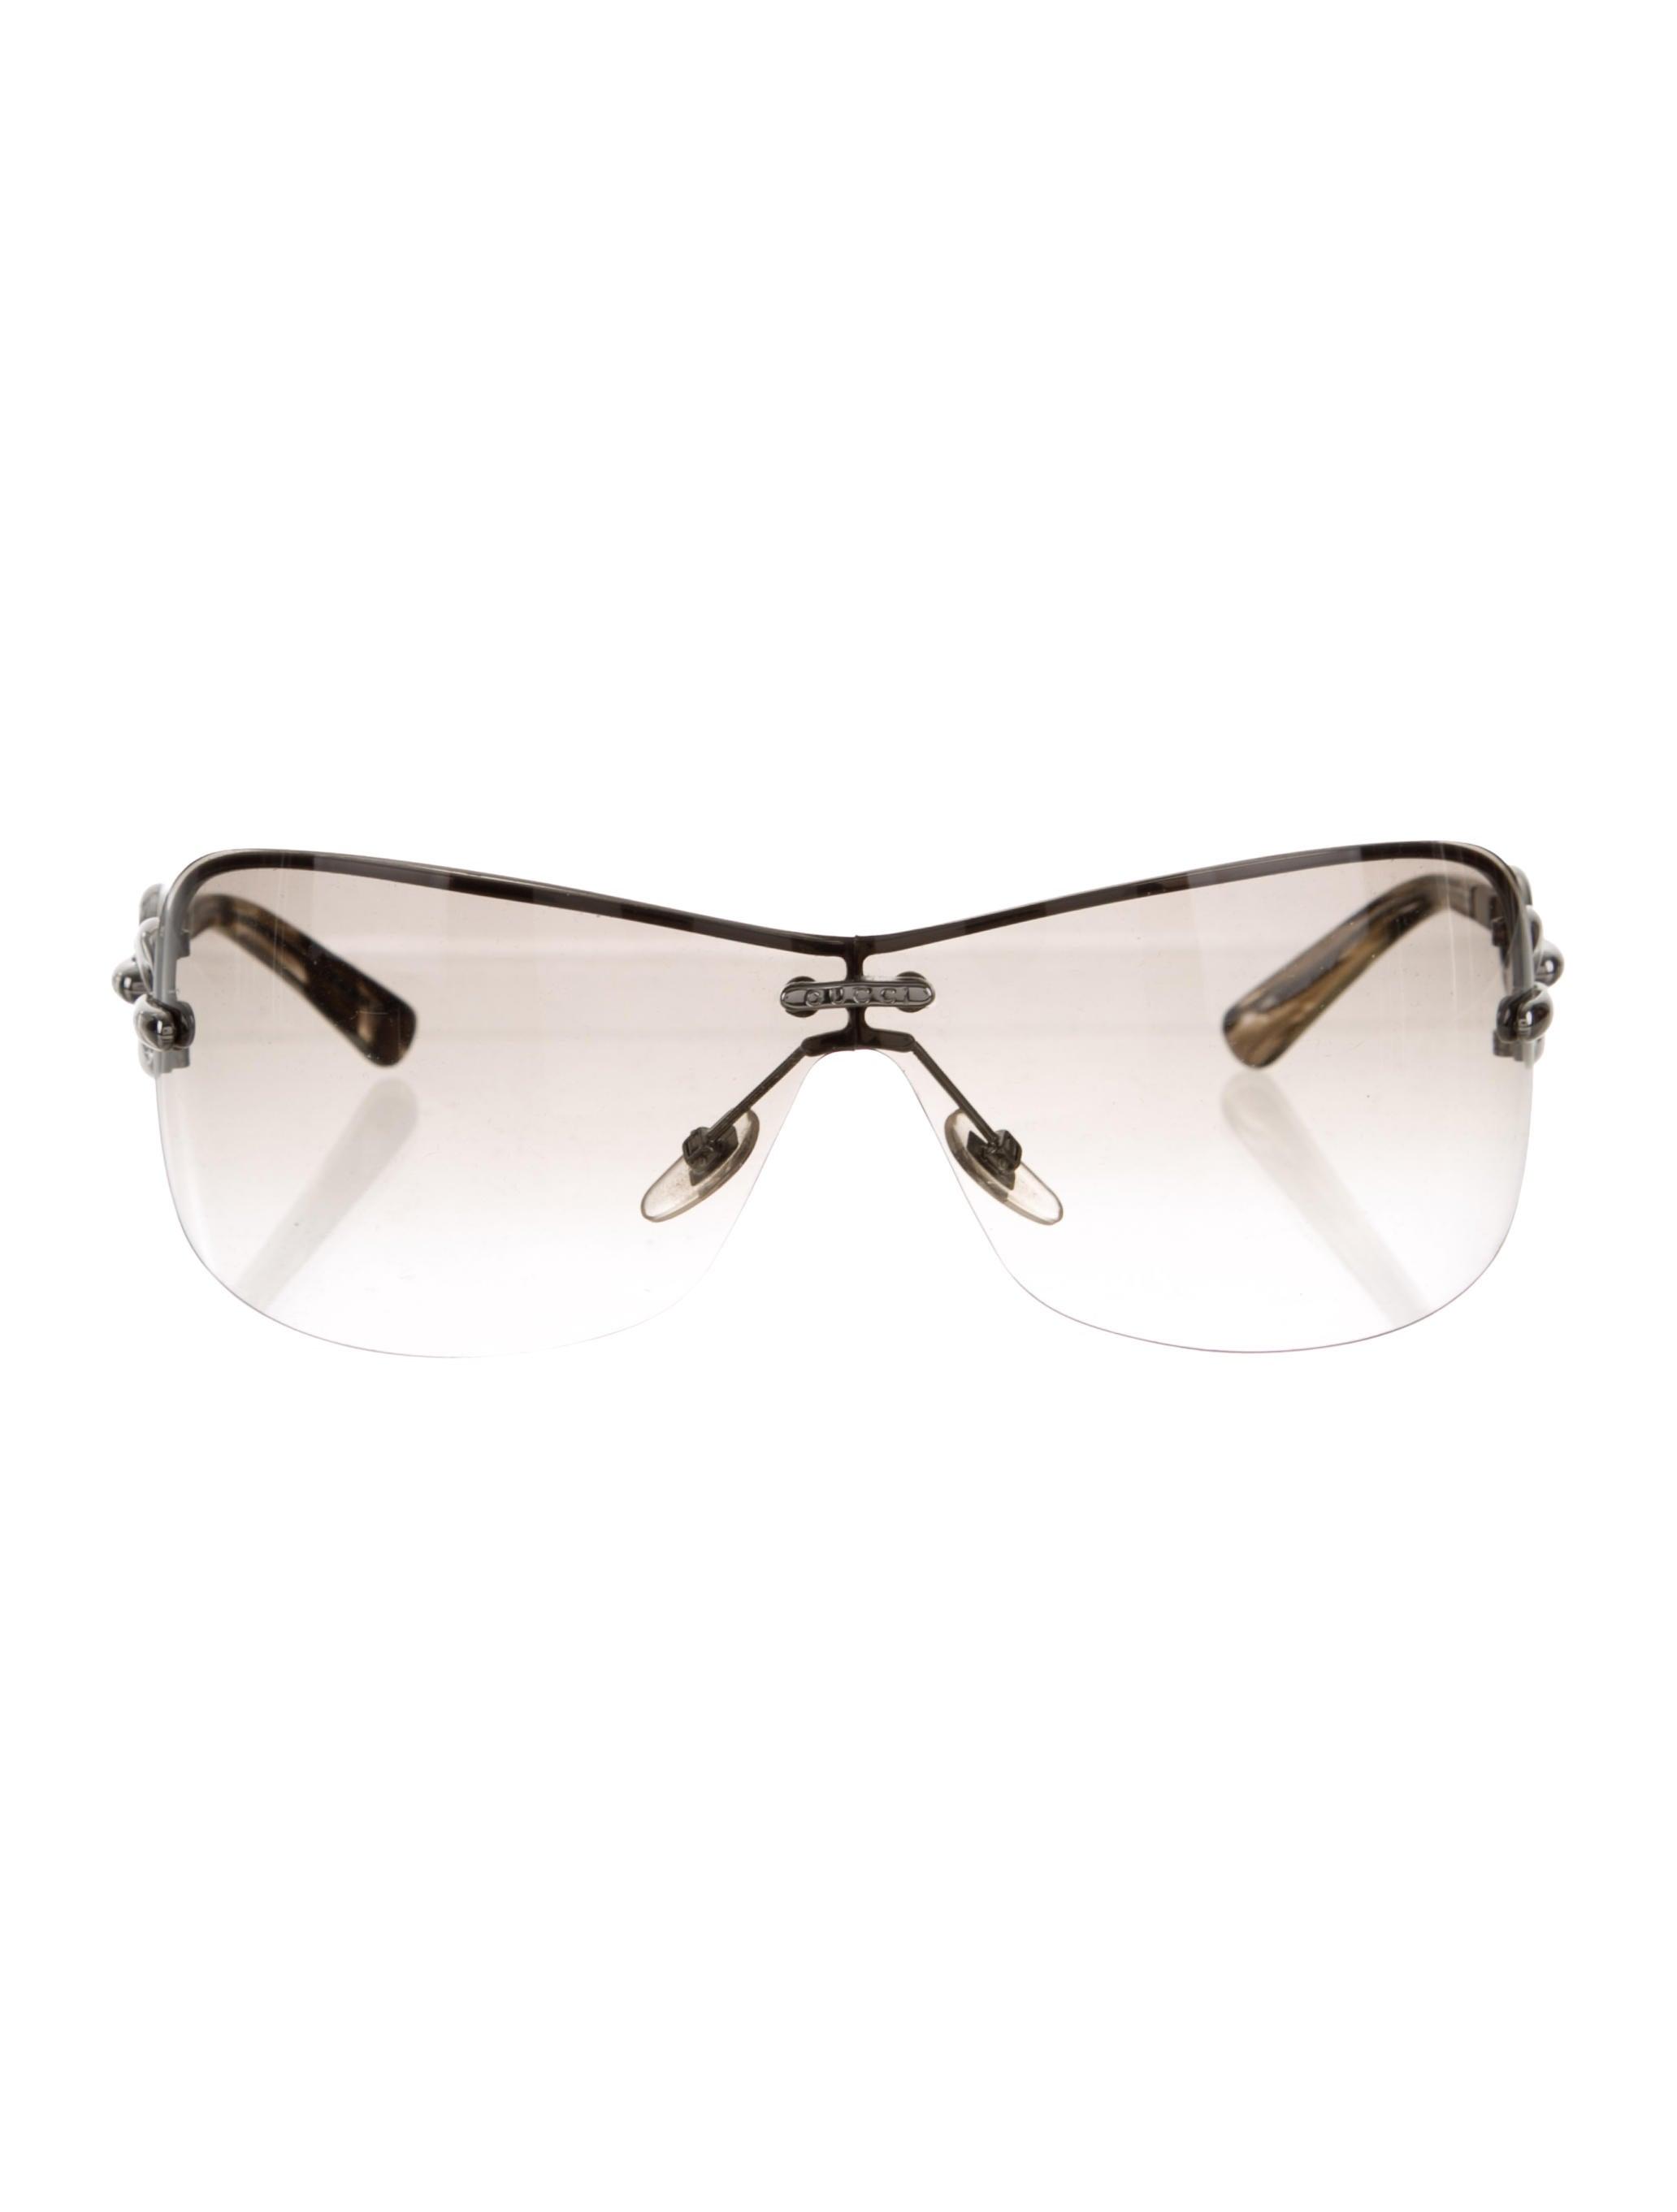 1d350dcf96f Gucci Chain-Link Shield Sunglasses - Accessories - GUC249660